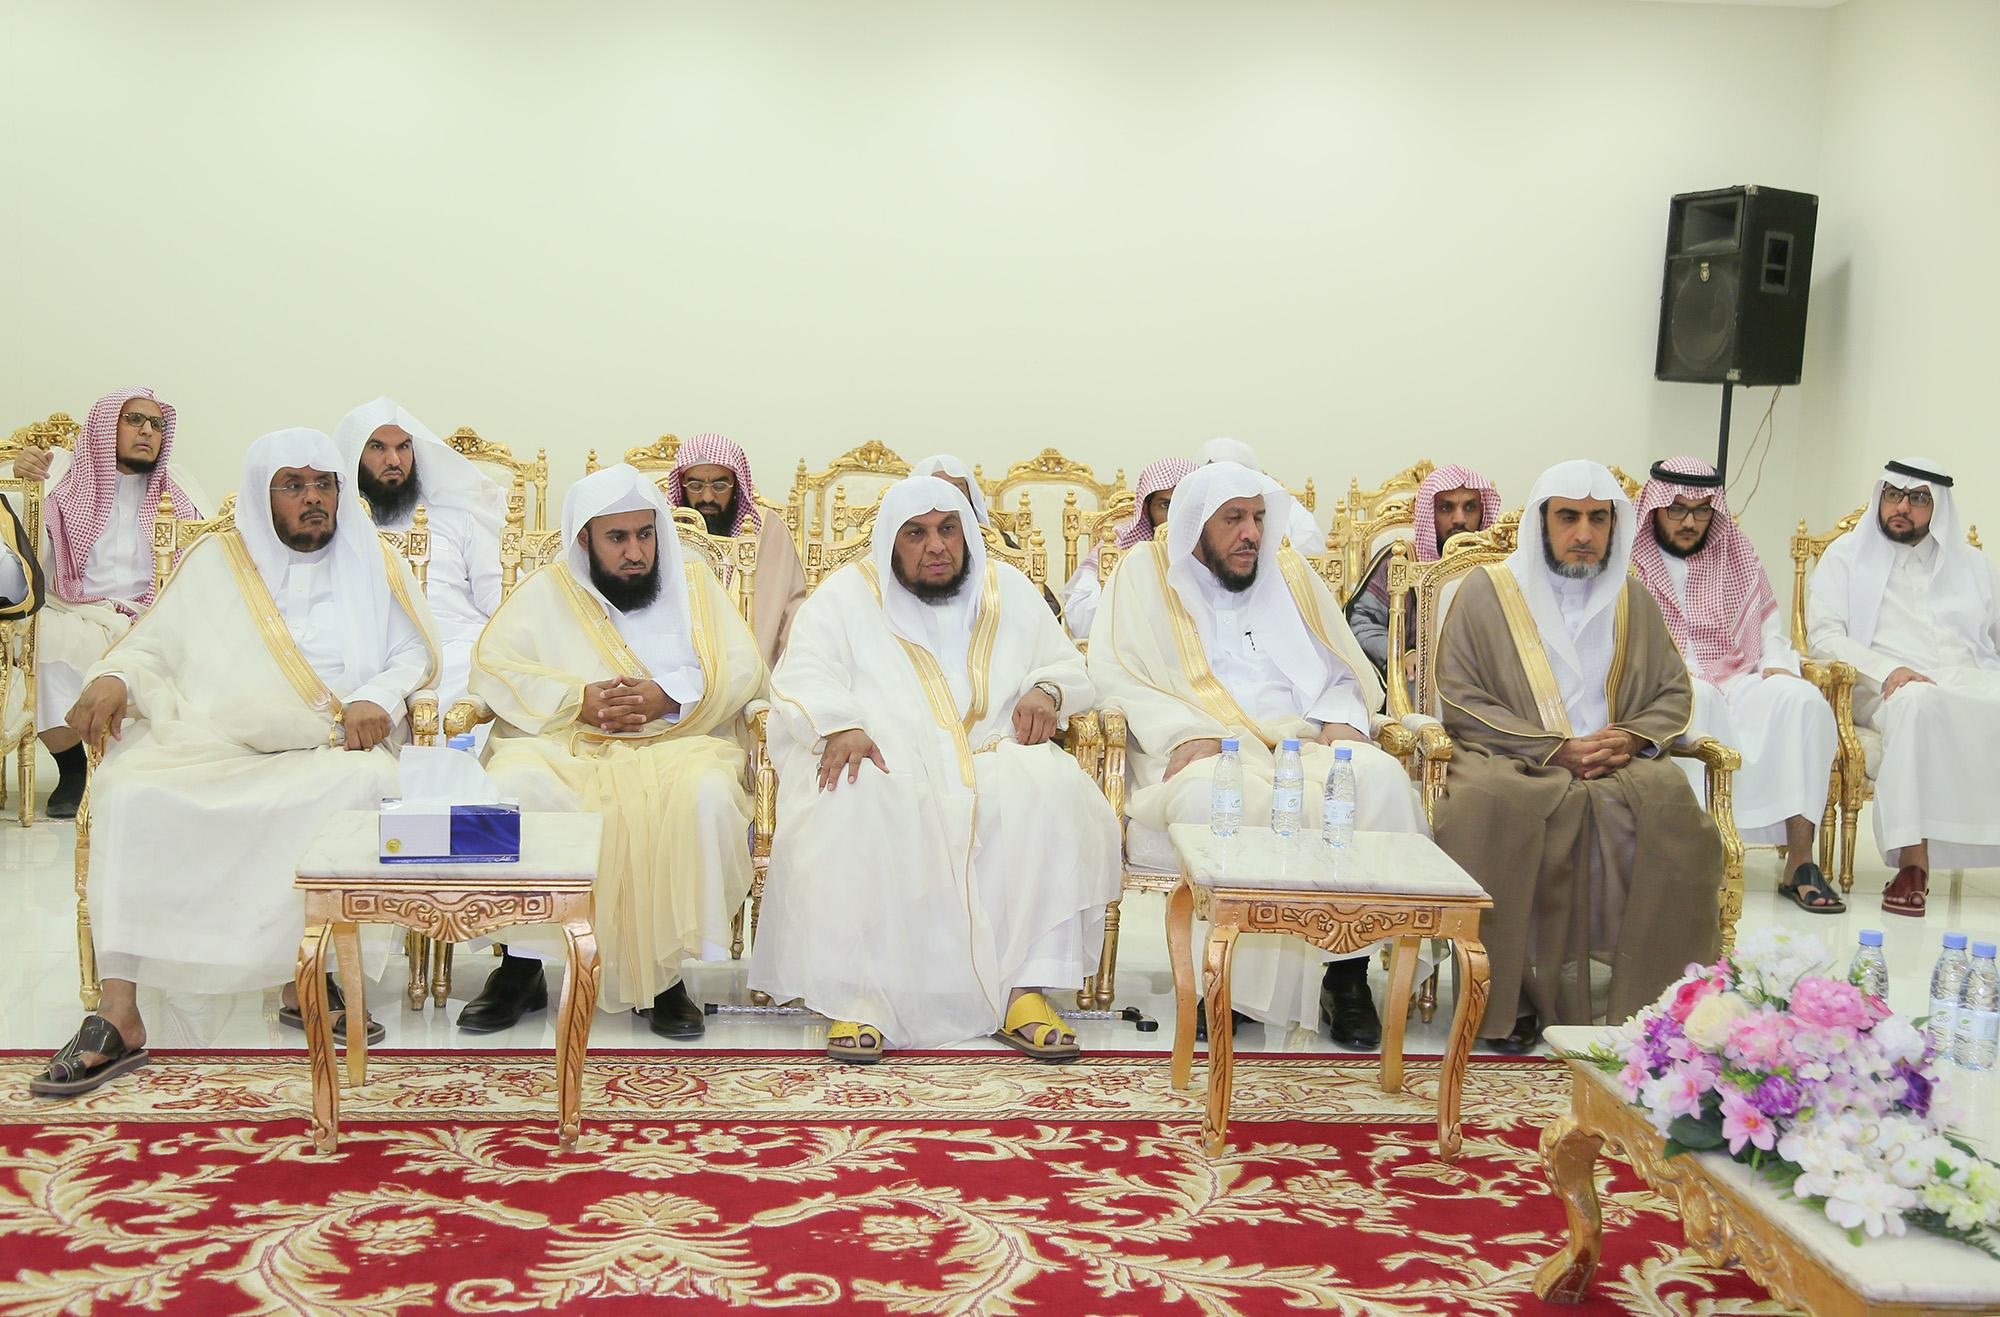 صور لقاء وزير الشؤون الإسلامية بالدعاة 6